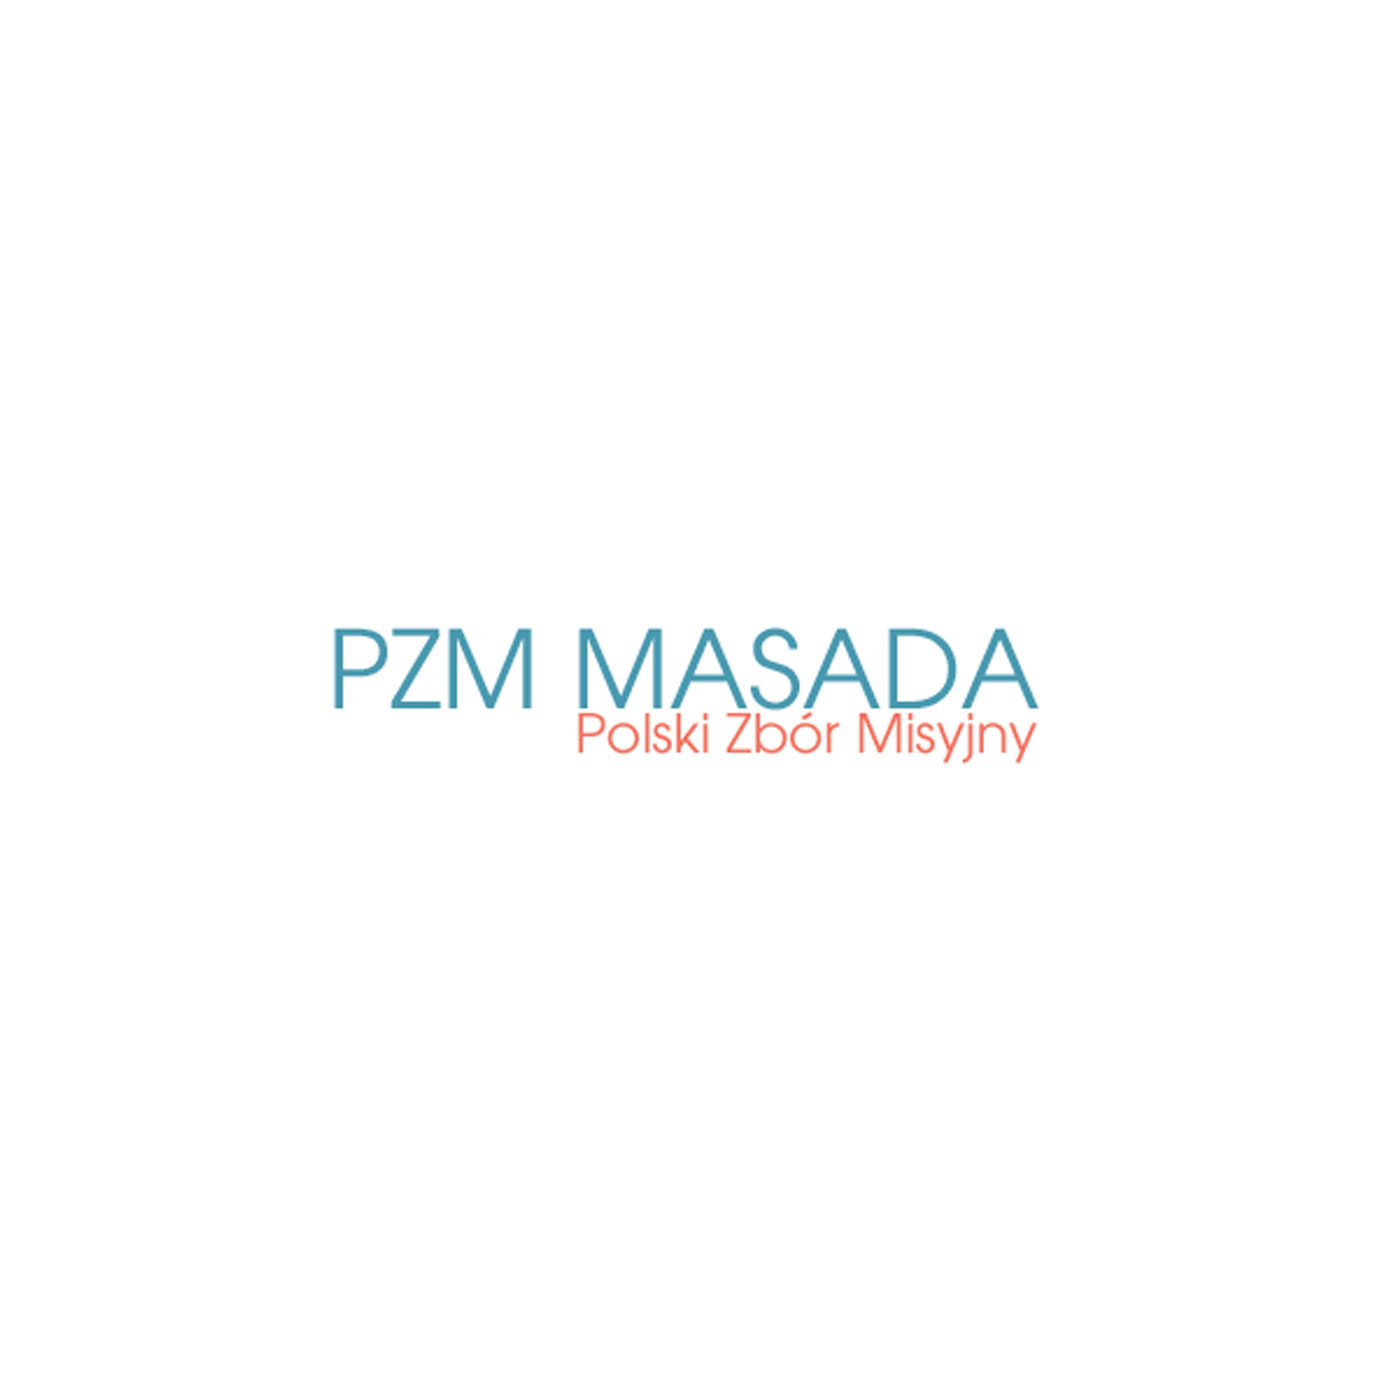 PZM MASADA